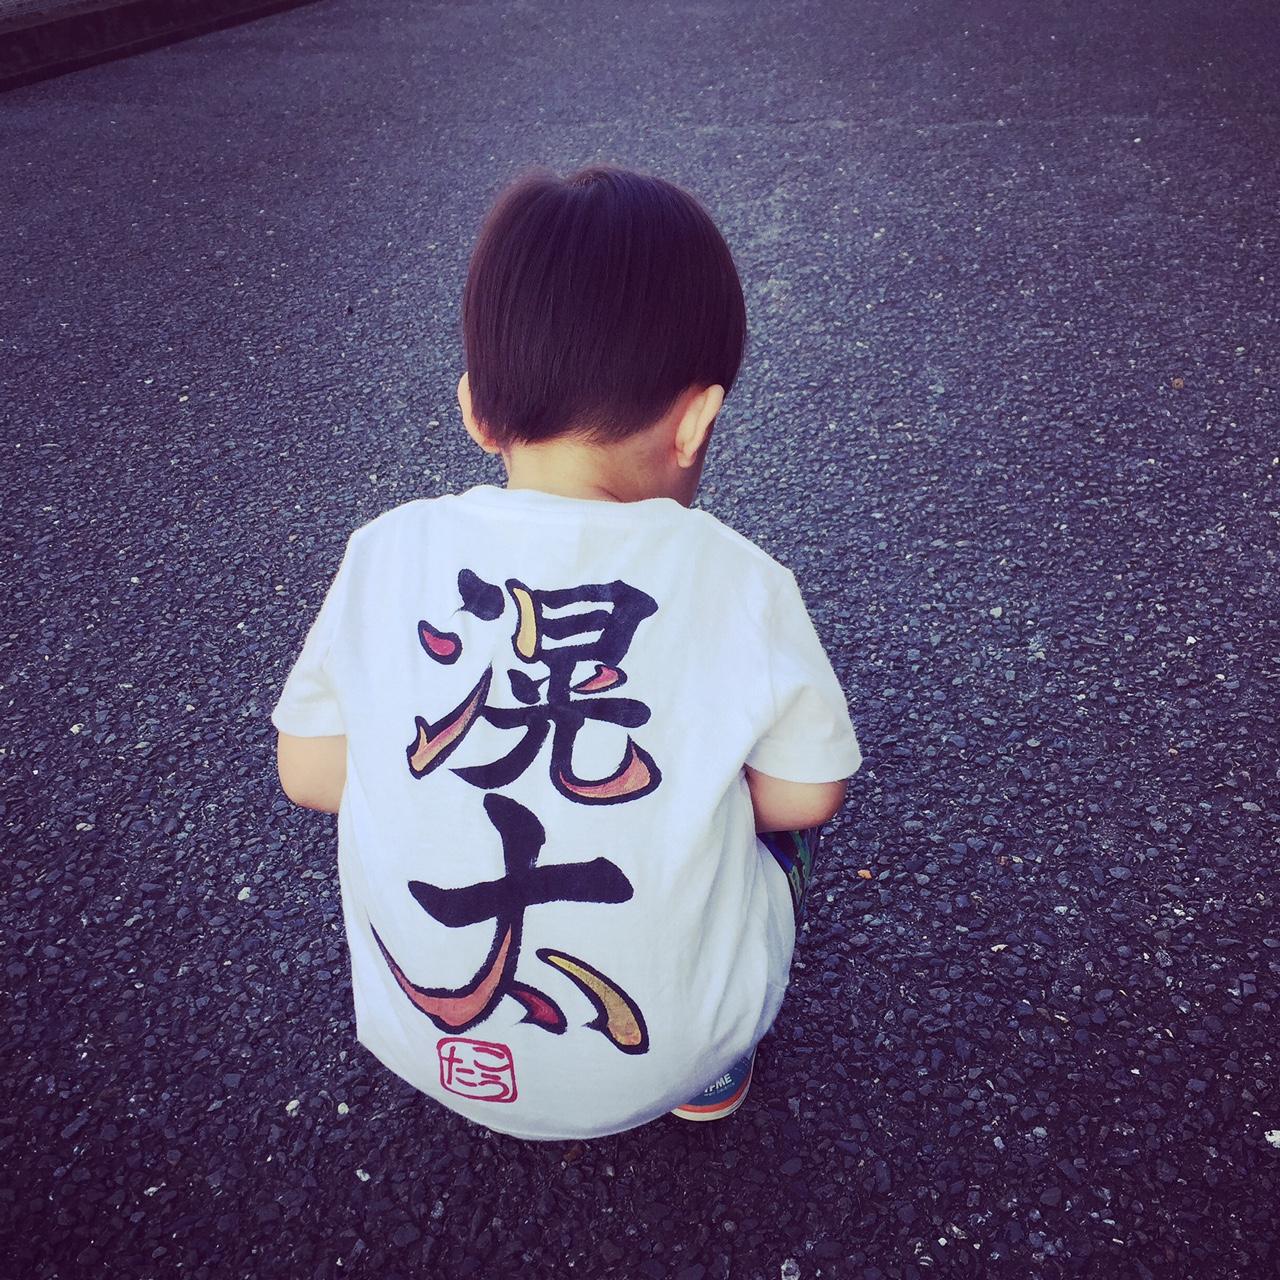 出産祝いに喜ばれる手書きTシャツ!